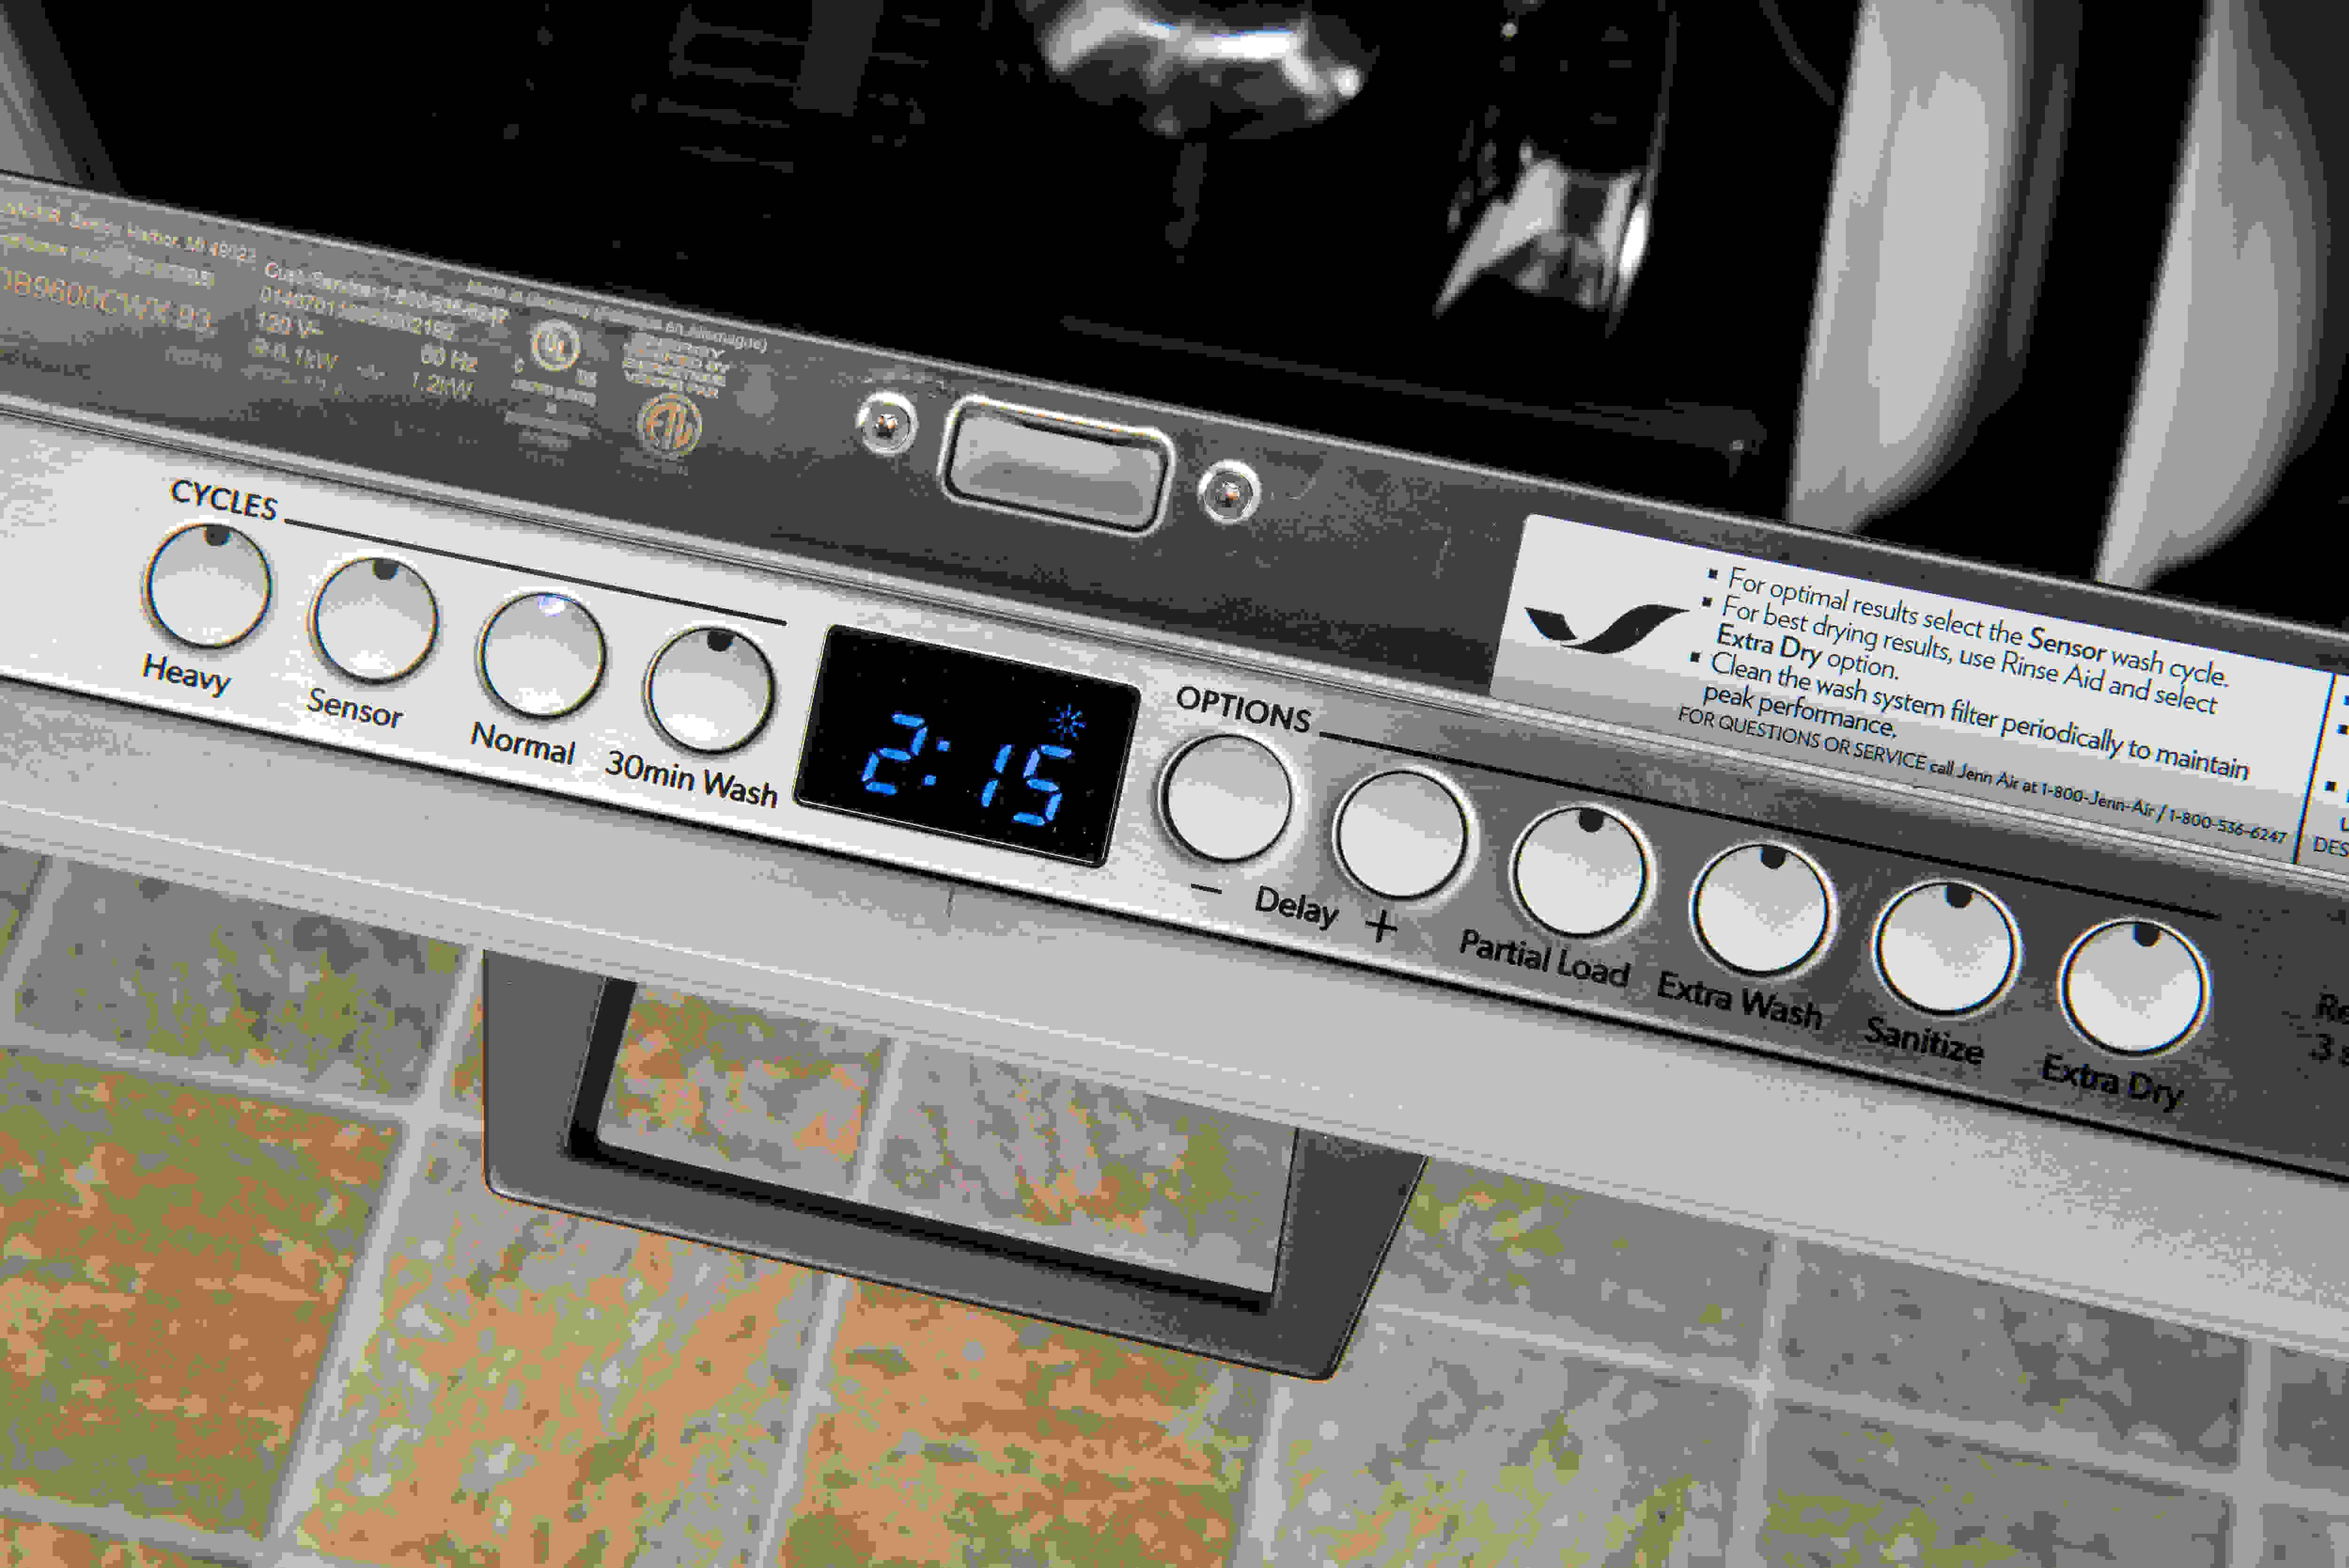 Jenn-Air JDB9600CWX digital timer display